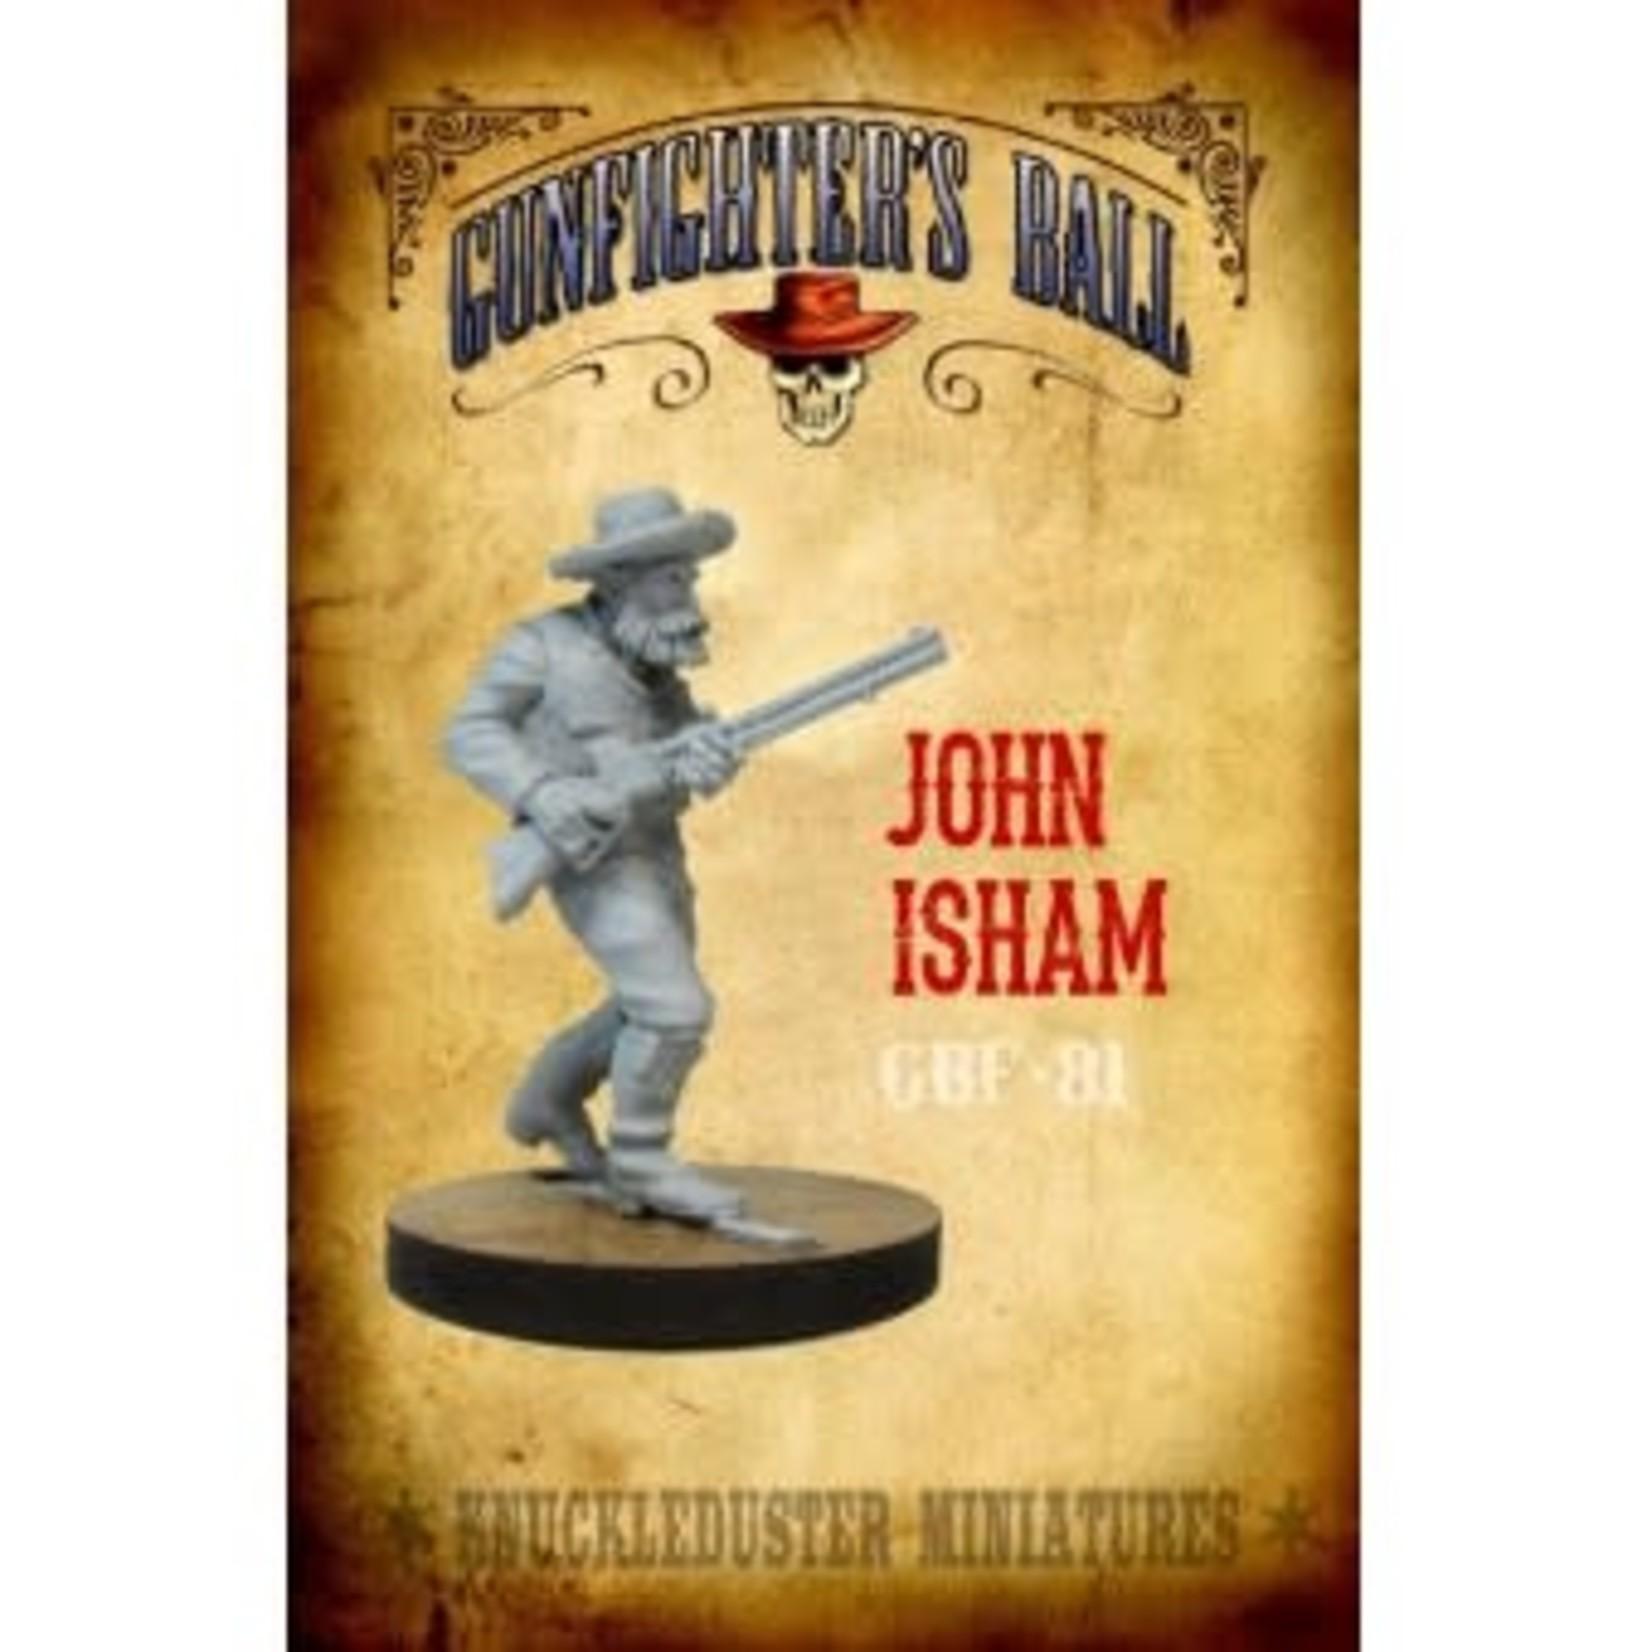 John Isham